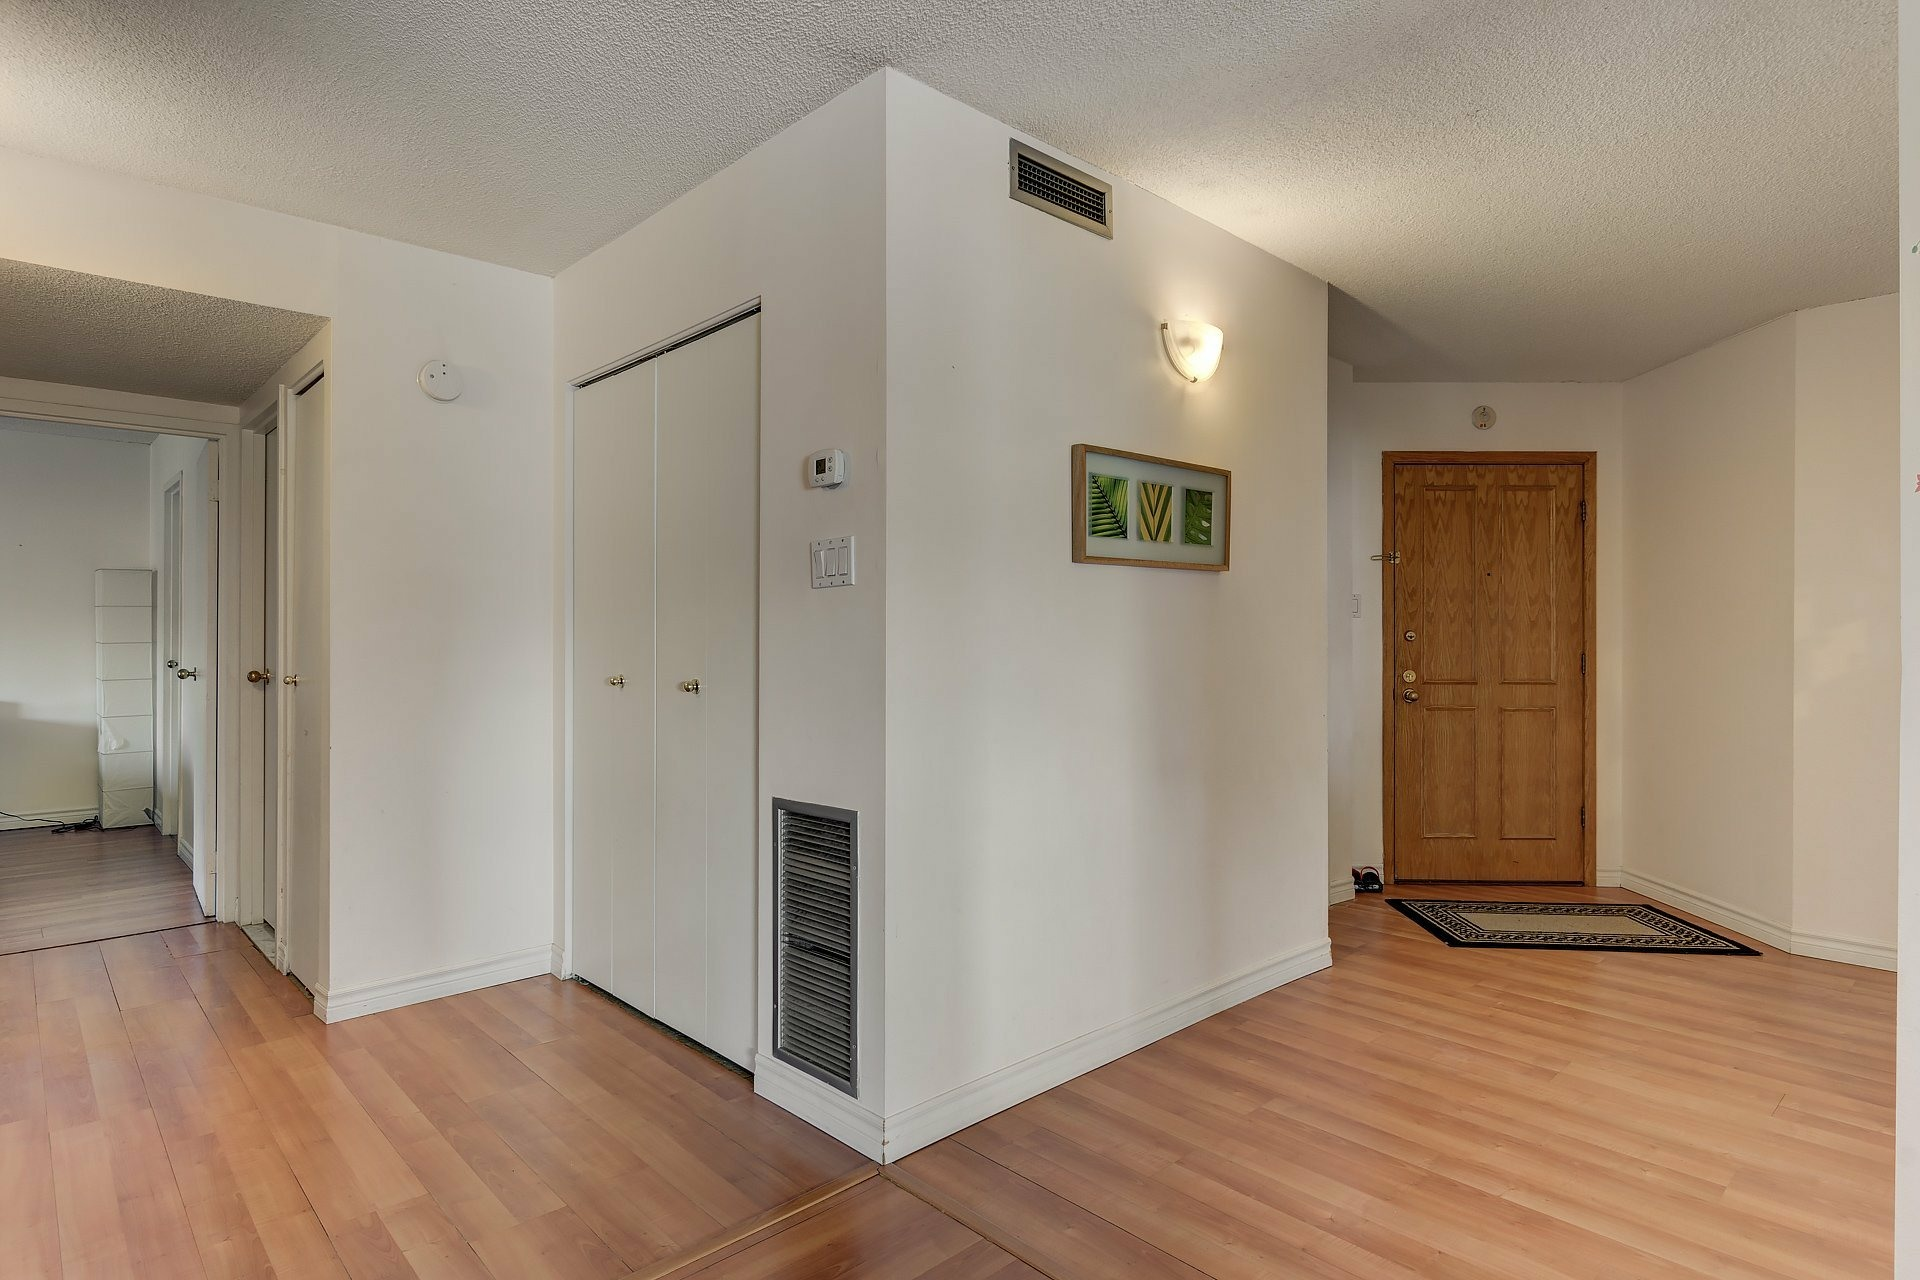 image 22 - Apartment For rent Ville-Marie Montréal  - 6 rooms